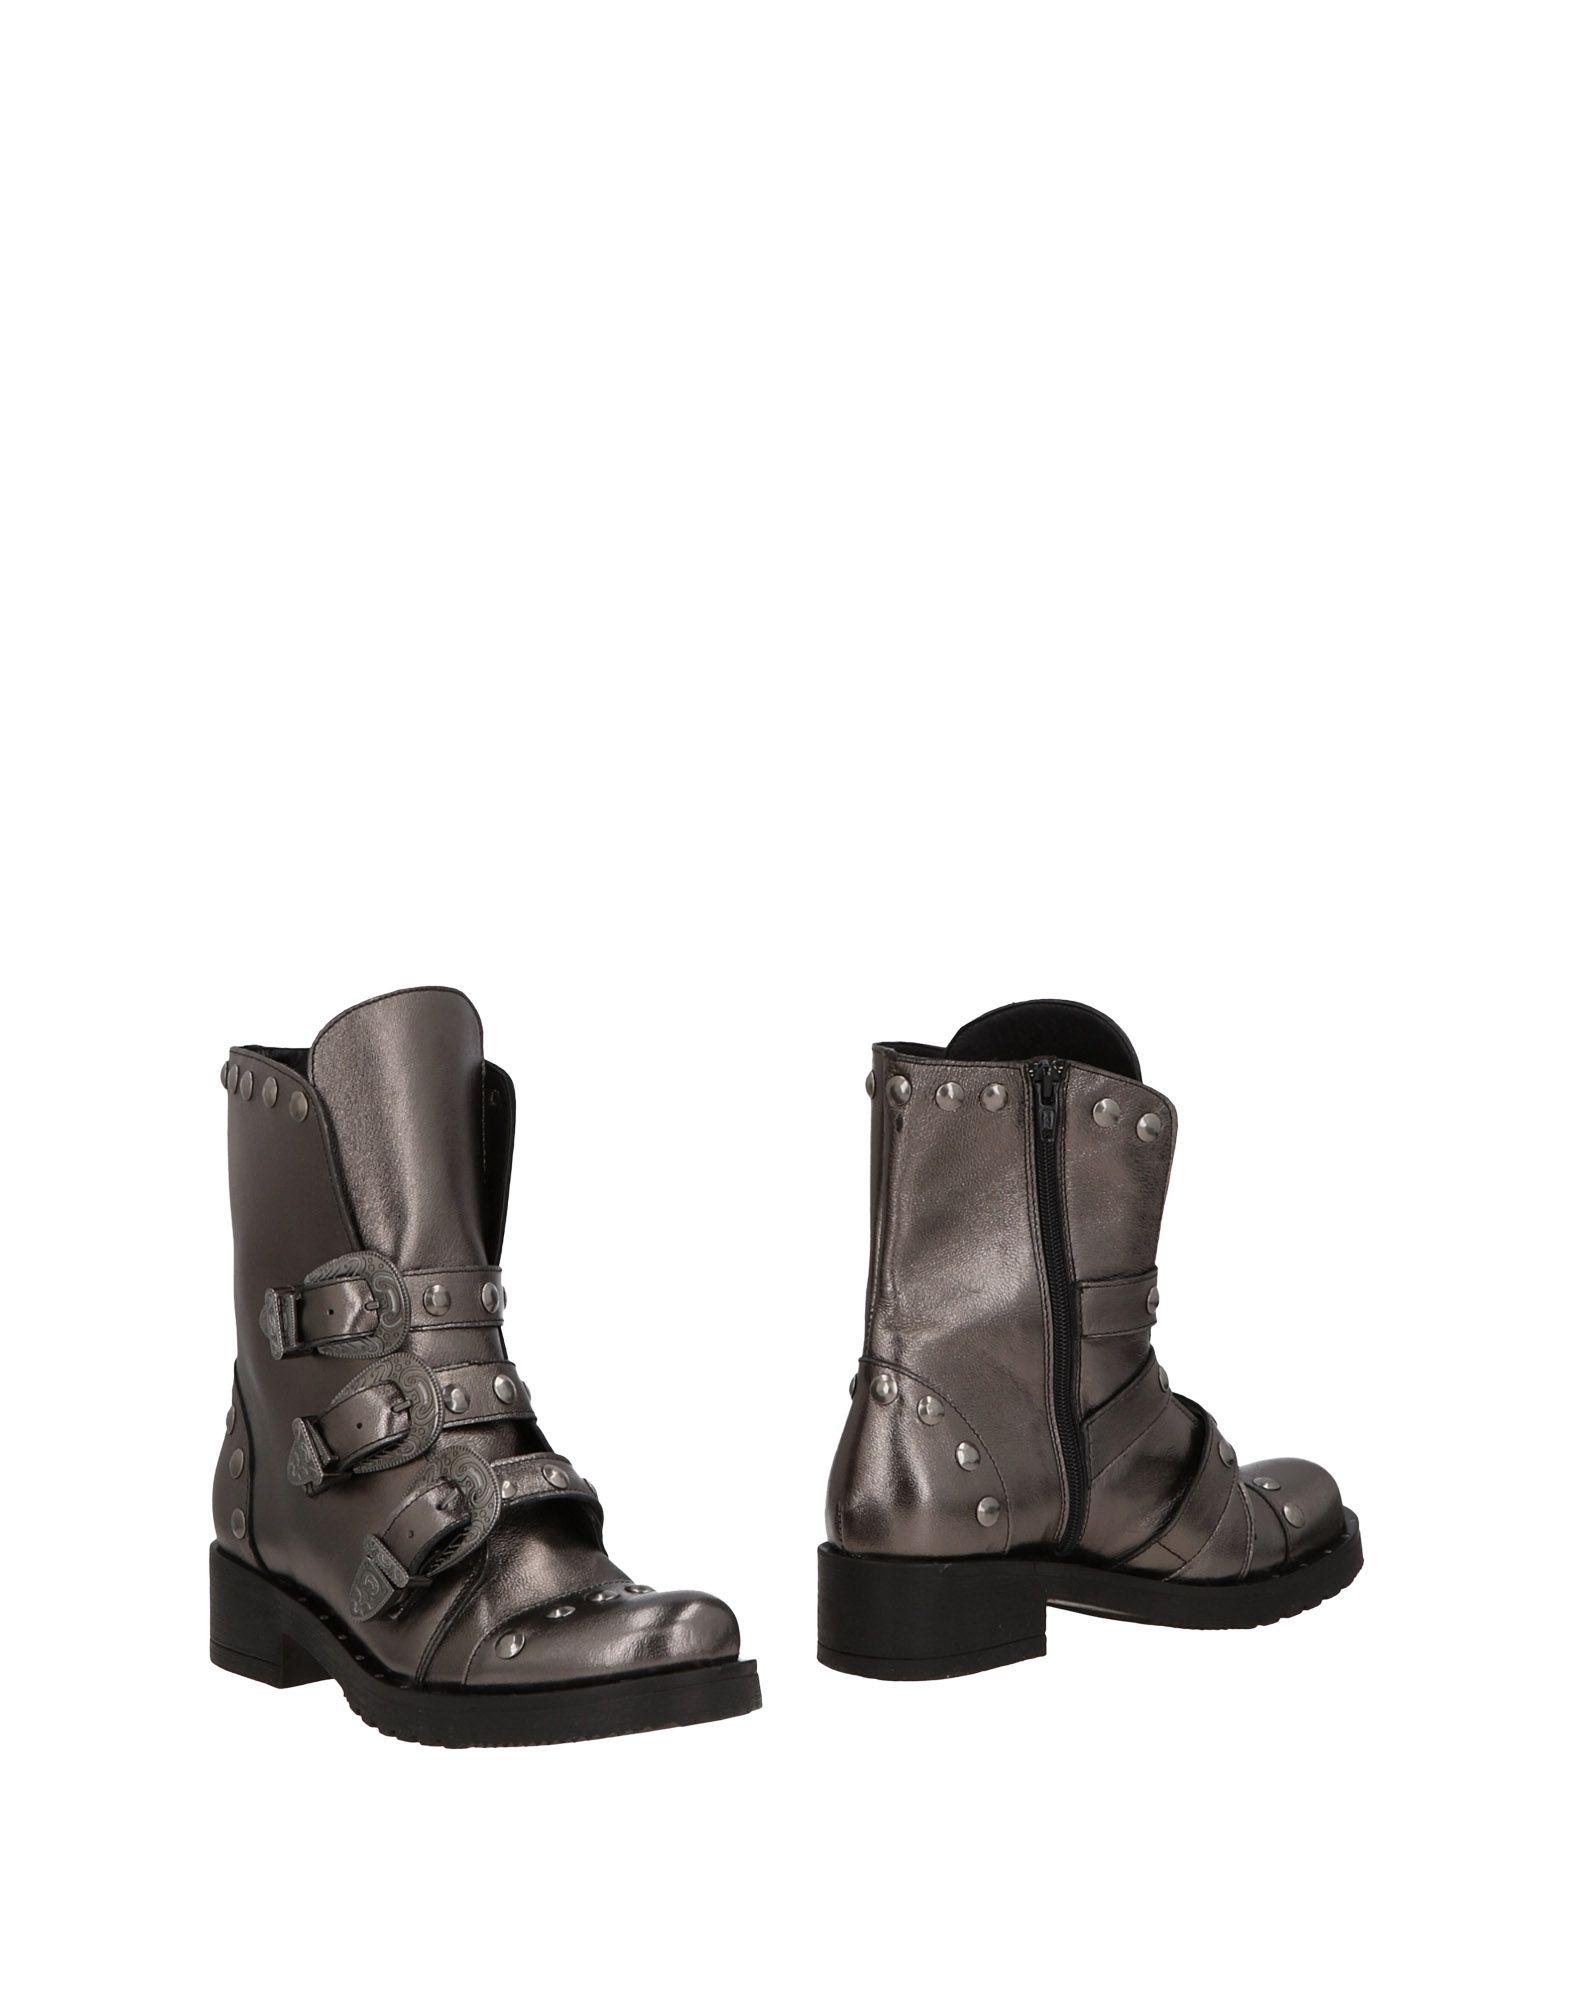 Bottine Nila & Nila Femme - Bottines Nila & Nila Plomb Les chaussures les plus populaires pour les hommes et les femmes